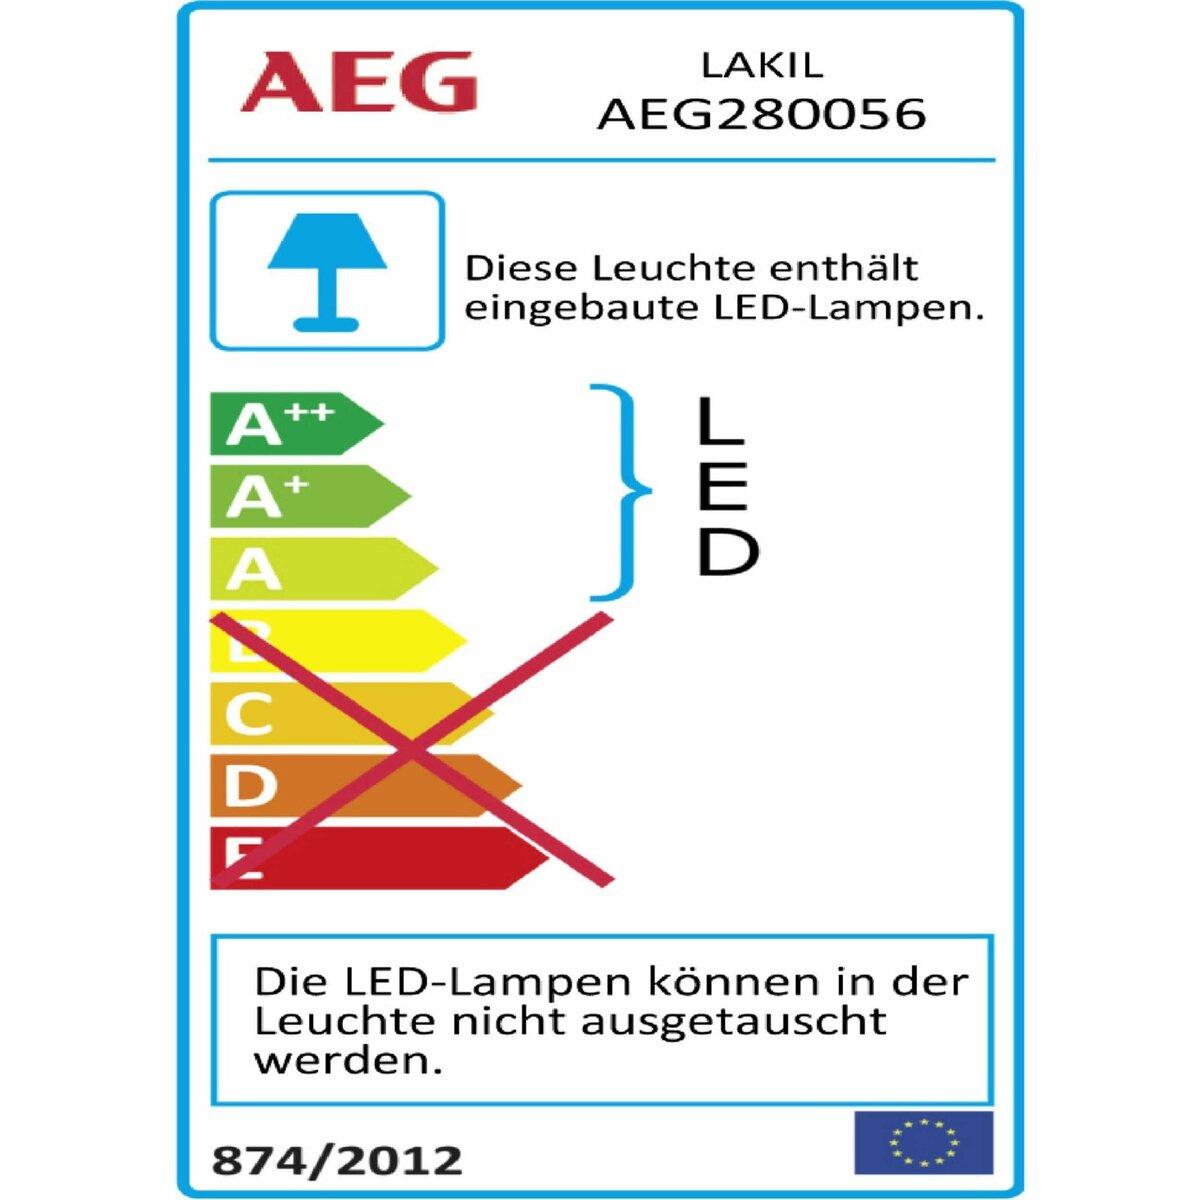 Bild 3 von AEG LED-Außenwandleuchte   Lakil